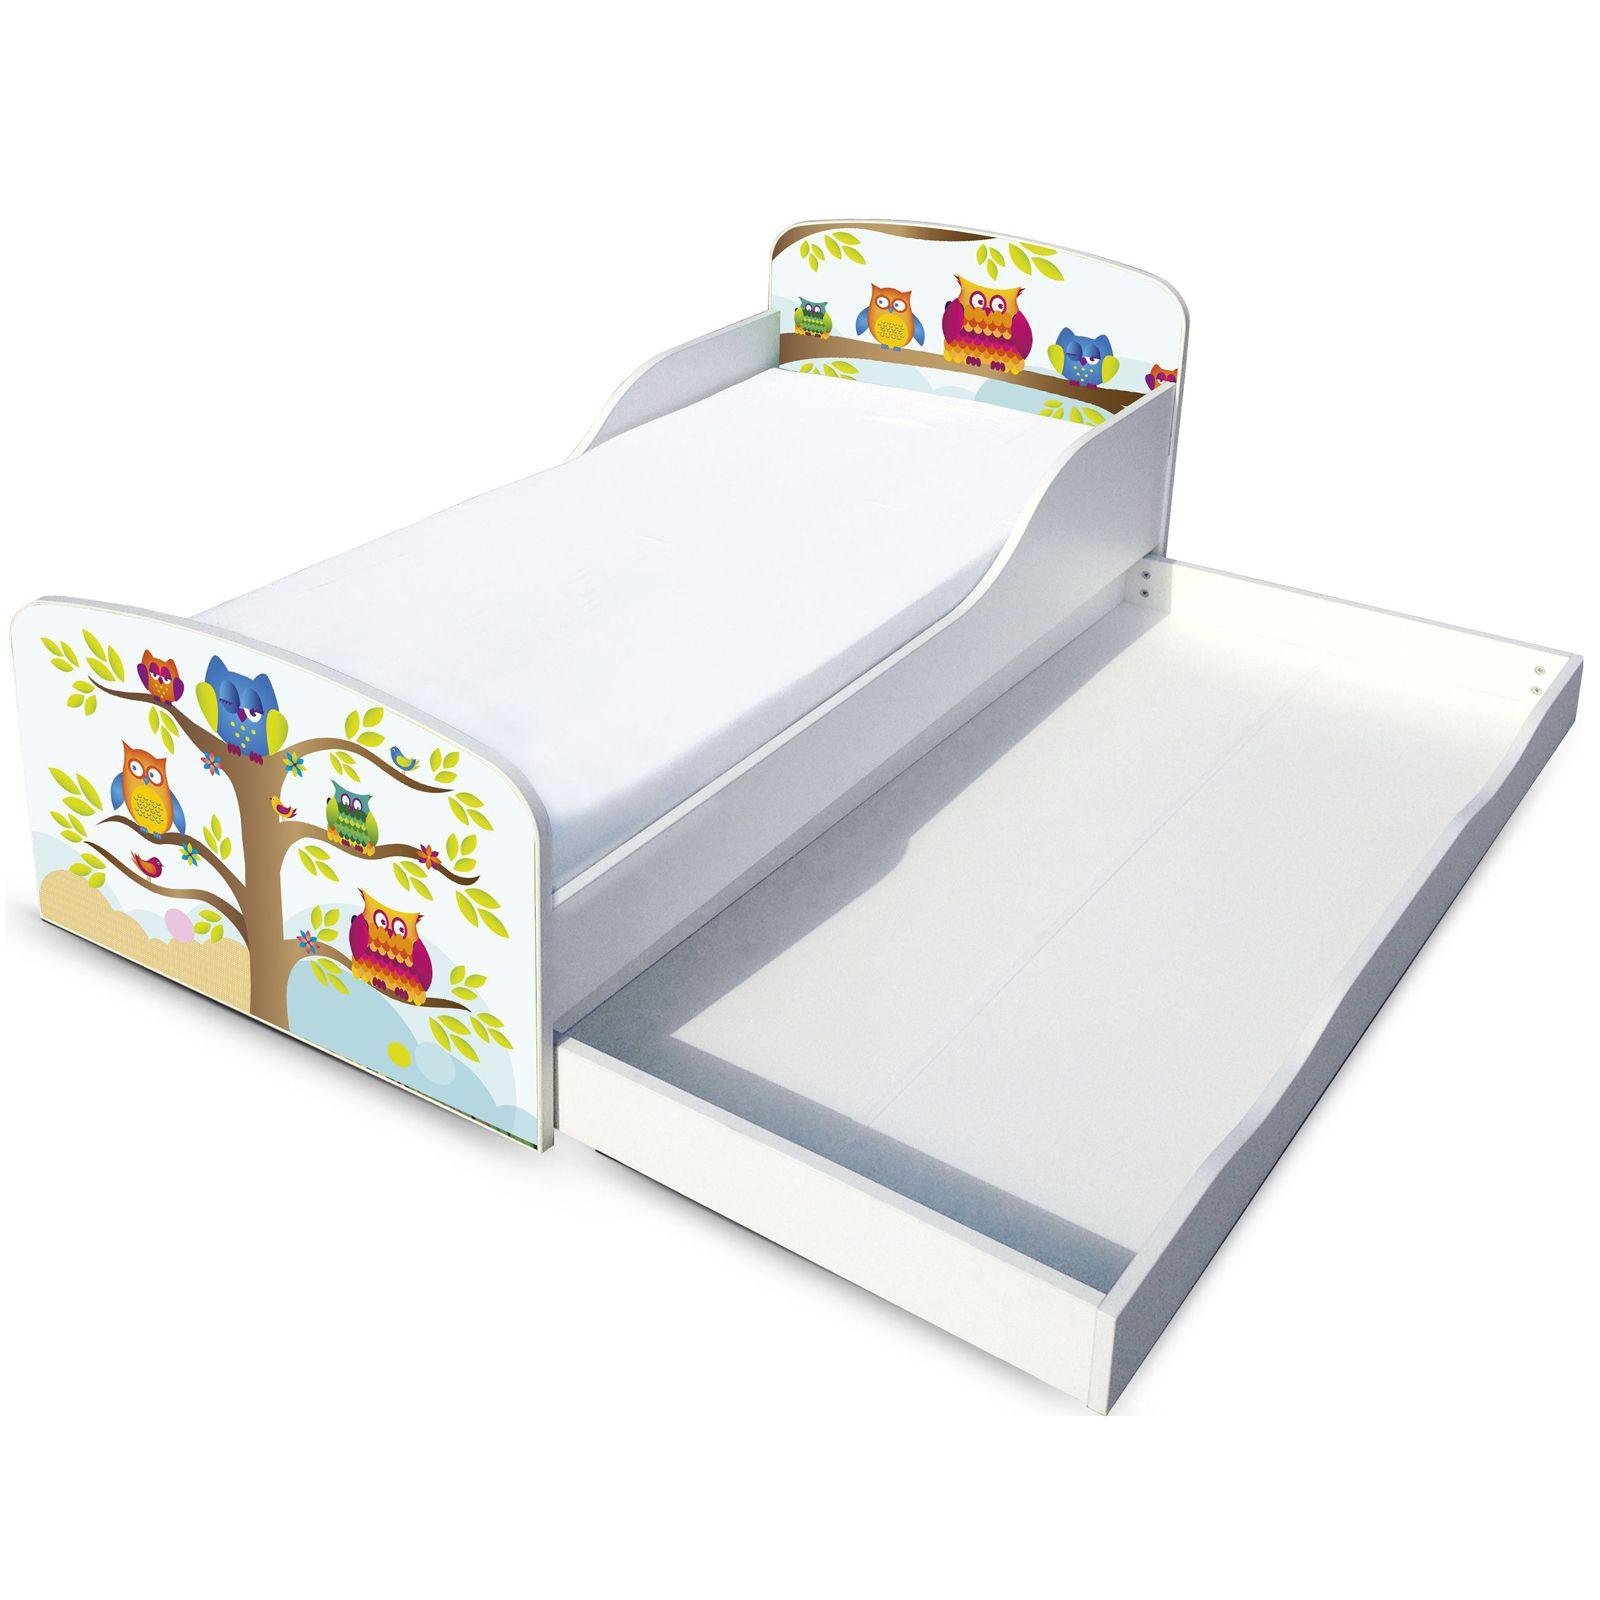 eulen mdf kleinkind bett mit unterbett aufbewahrung neu m bel ebay. Black Bedroom Furniture Sets. Home Design Ideas